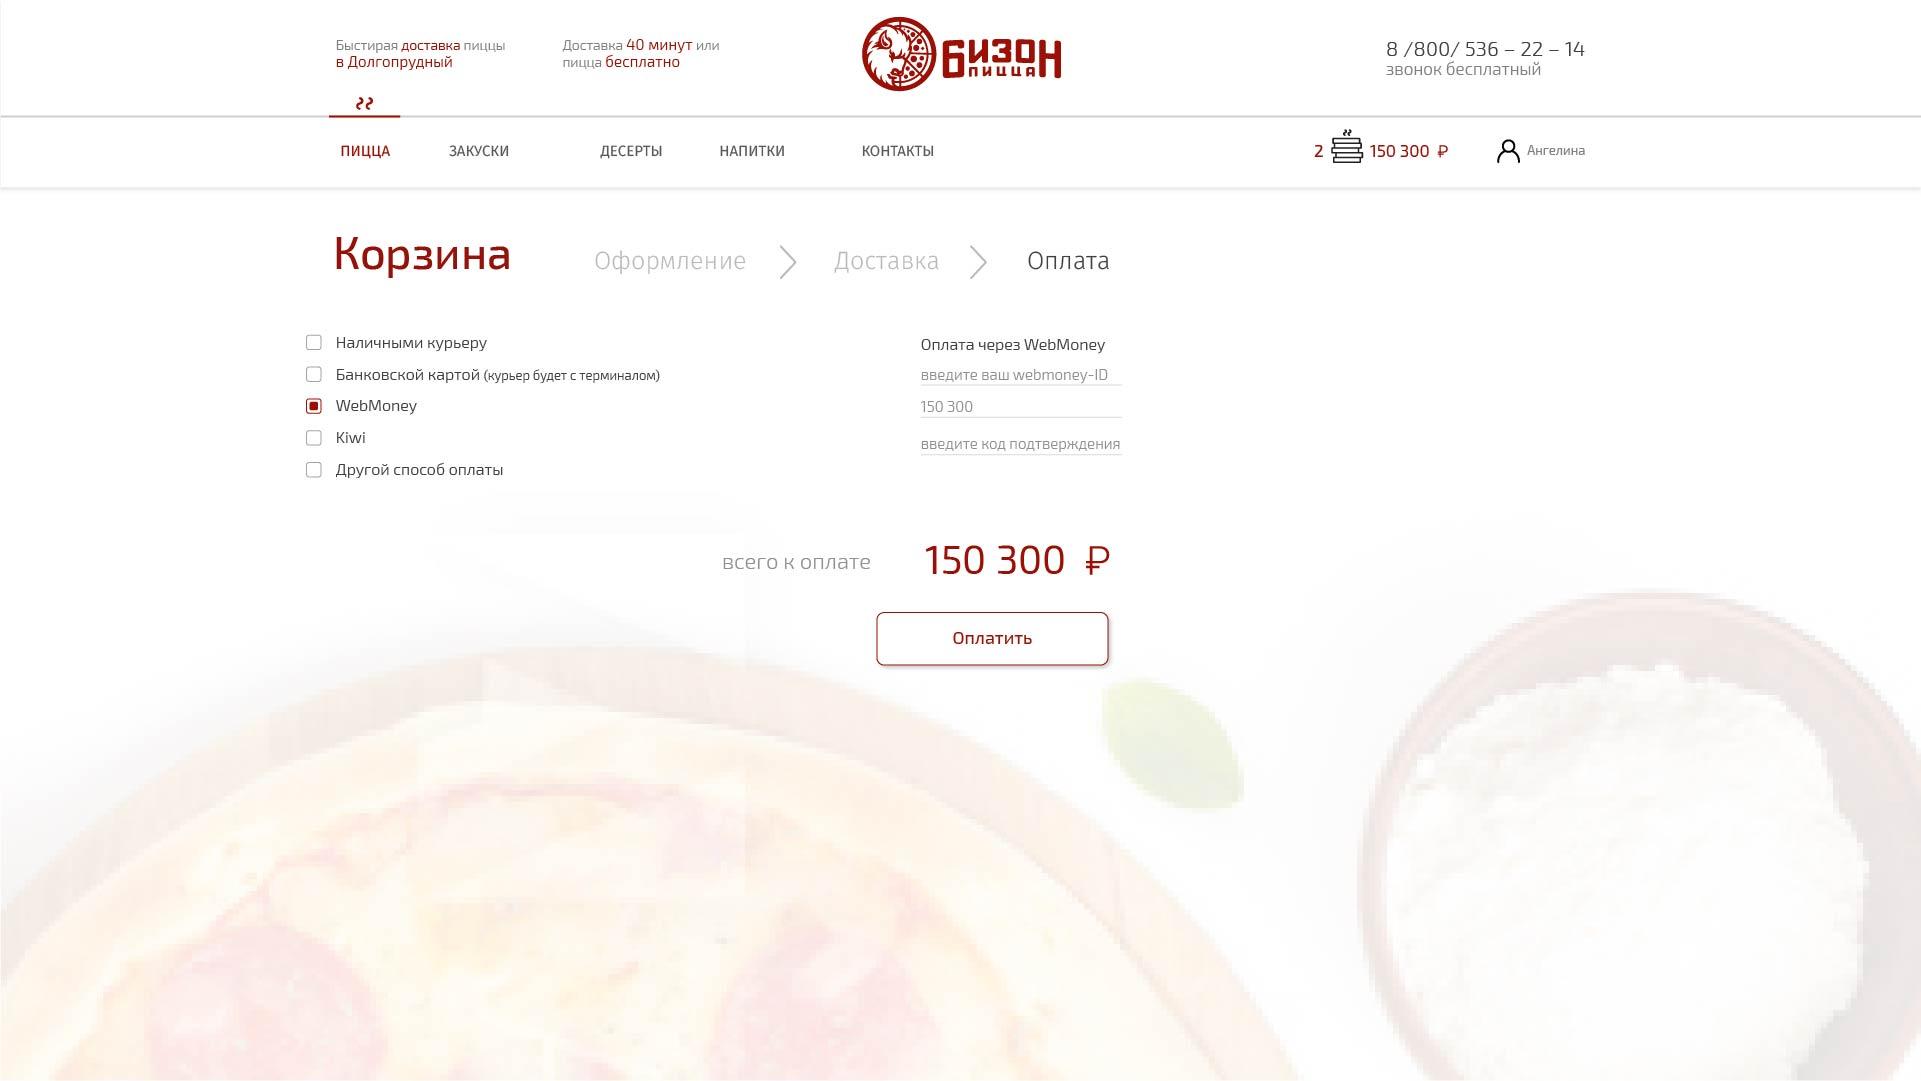 ► [WEB—DESIGN]__Бизон-пицца_Интернет-пиццерия